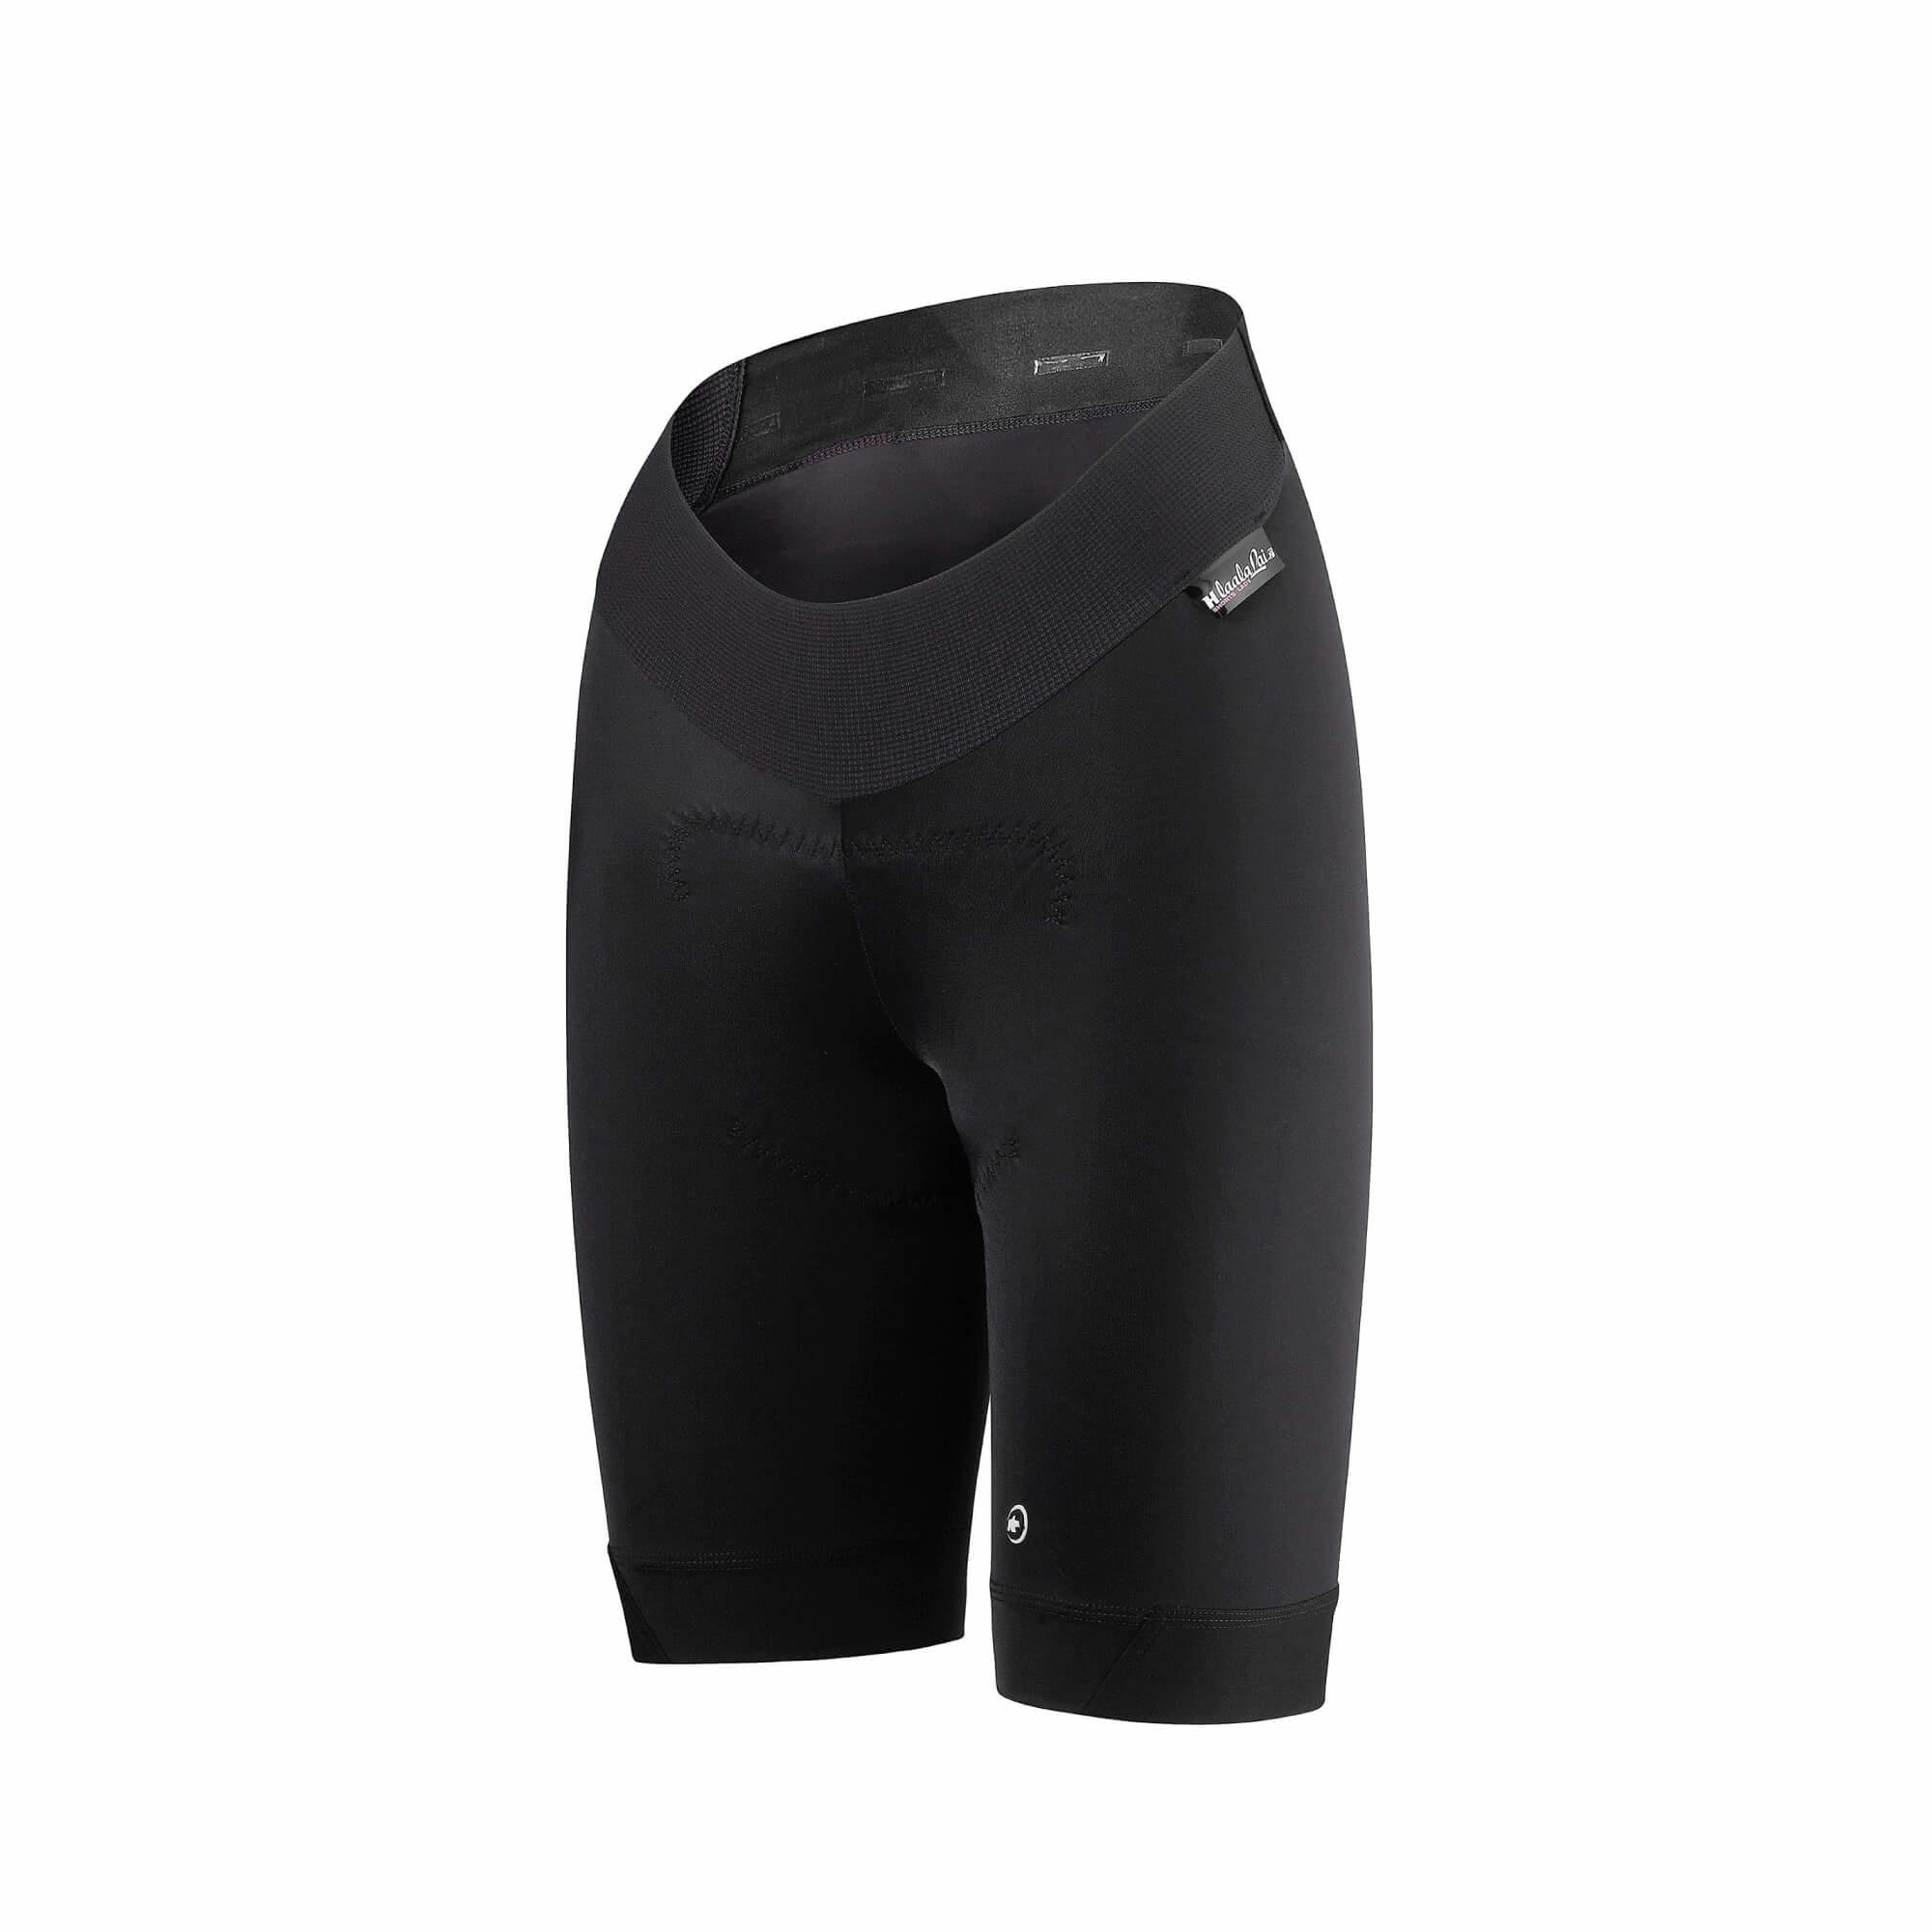 H.Laalalai S7 Lady Block Black Shorts-4